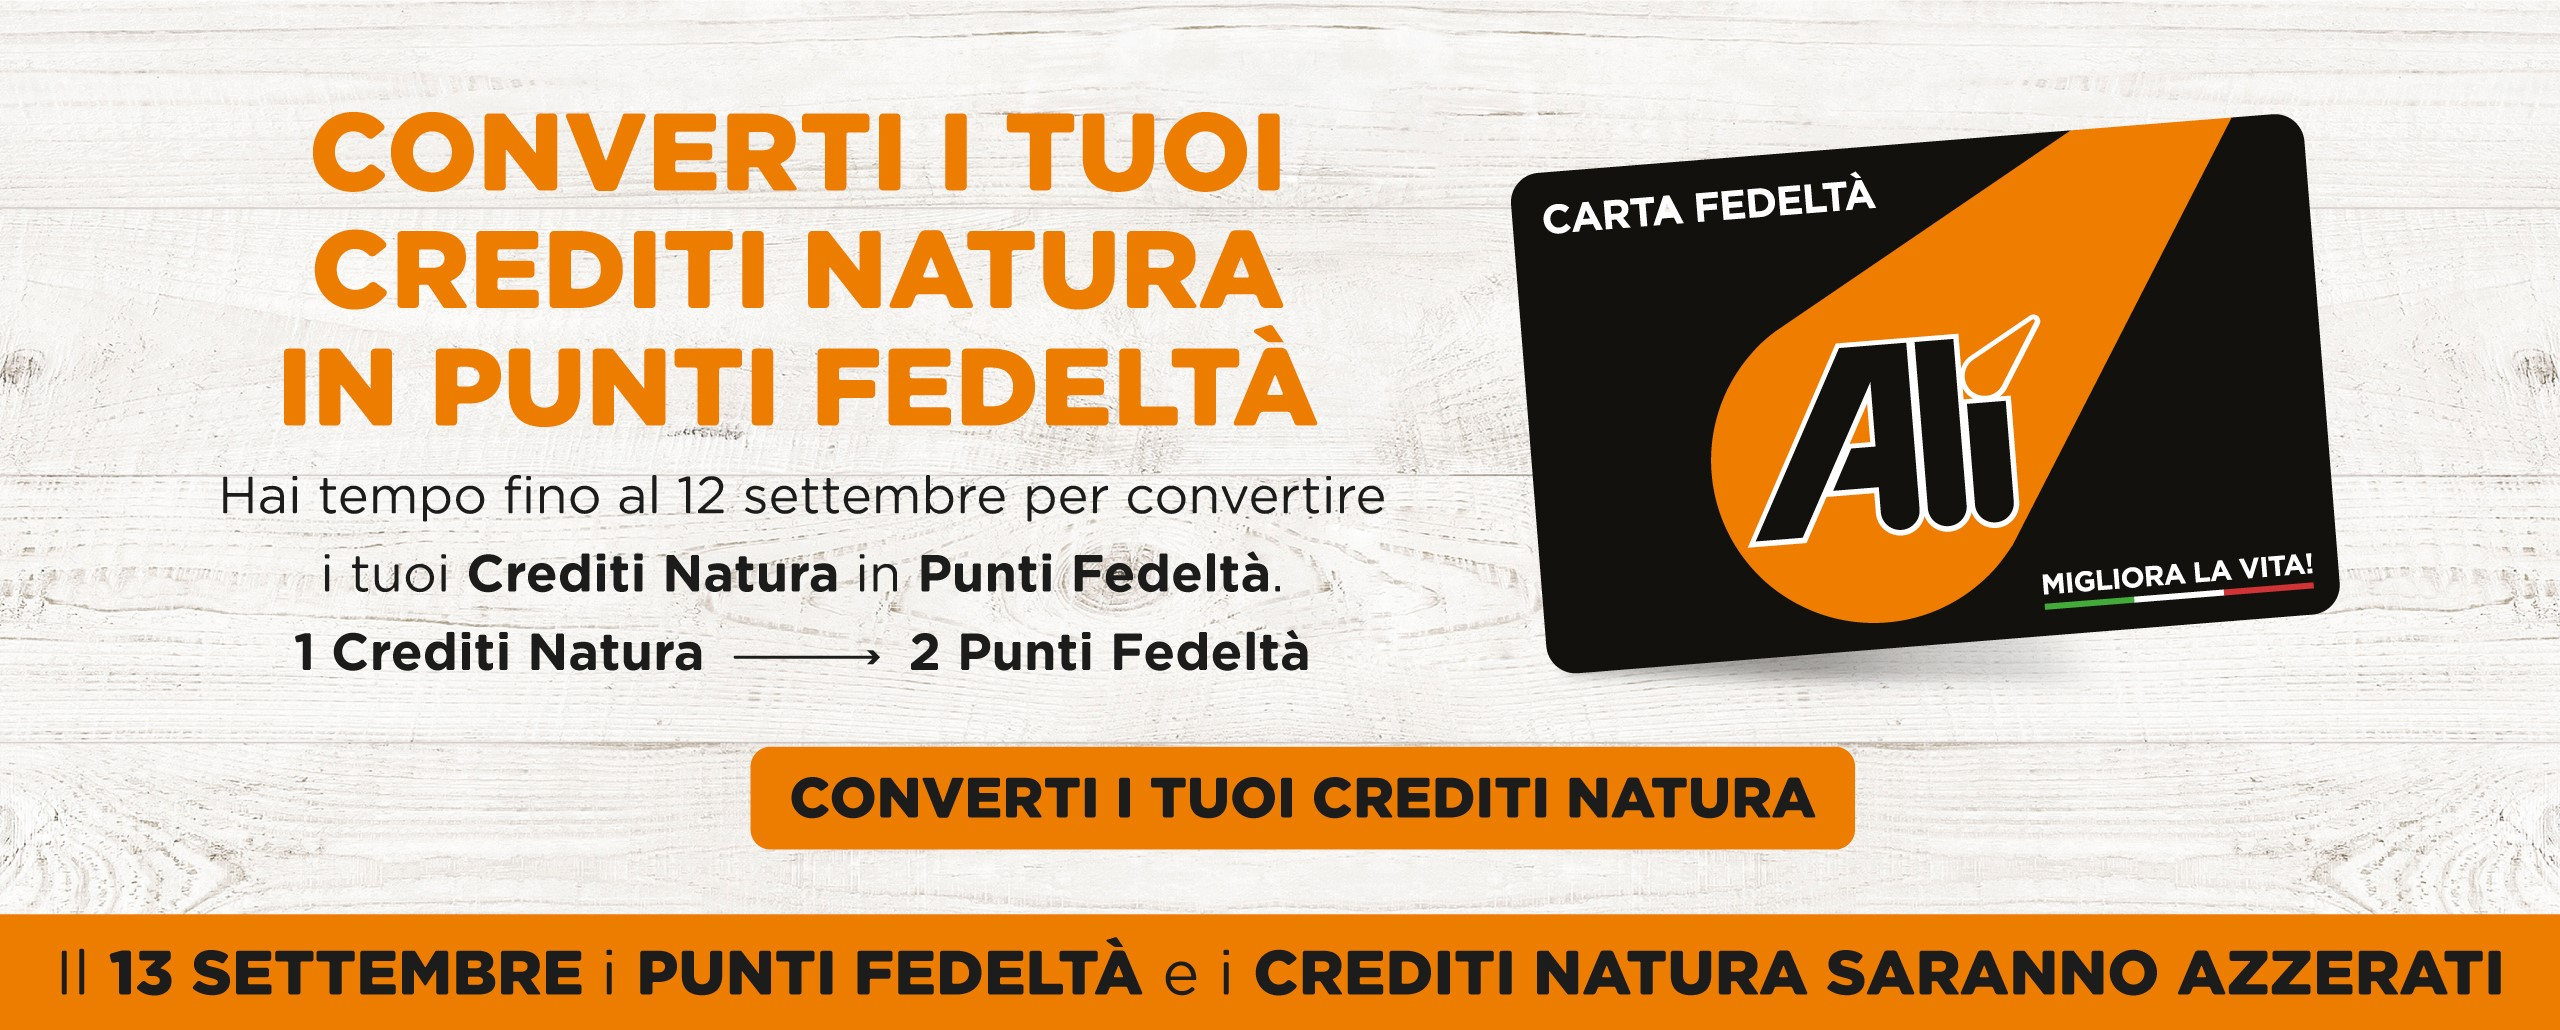 Conversione Crediti Natura (sito)